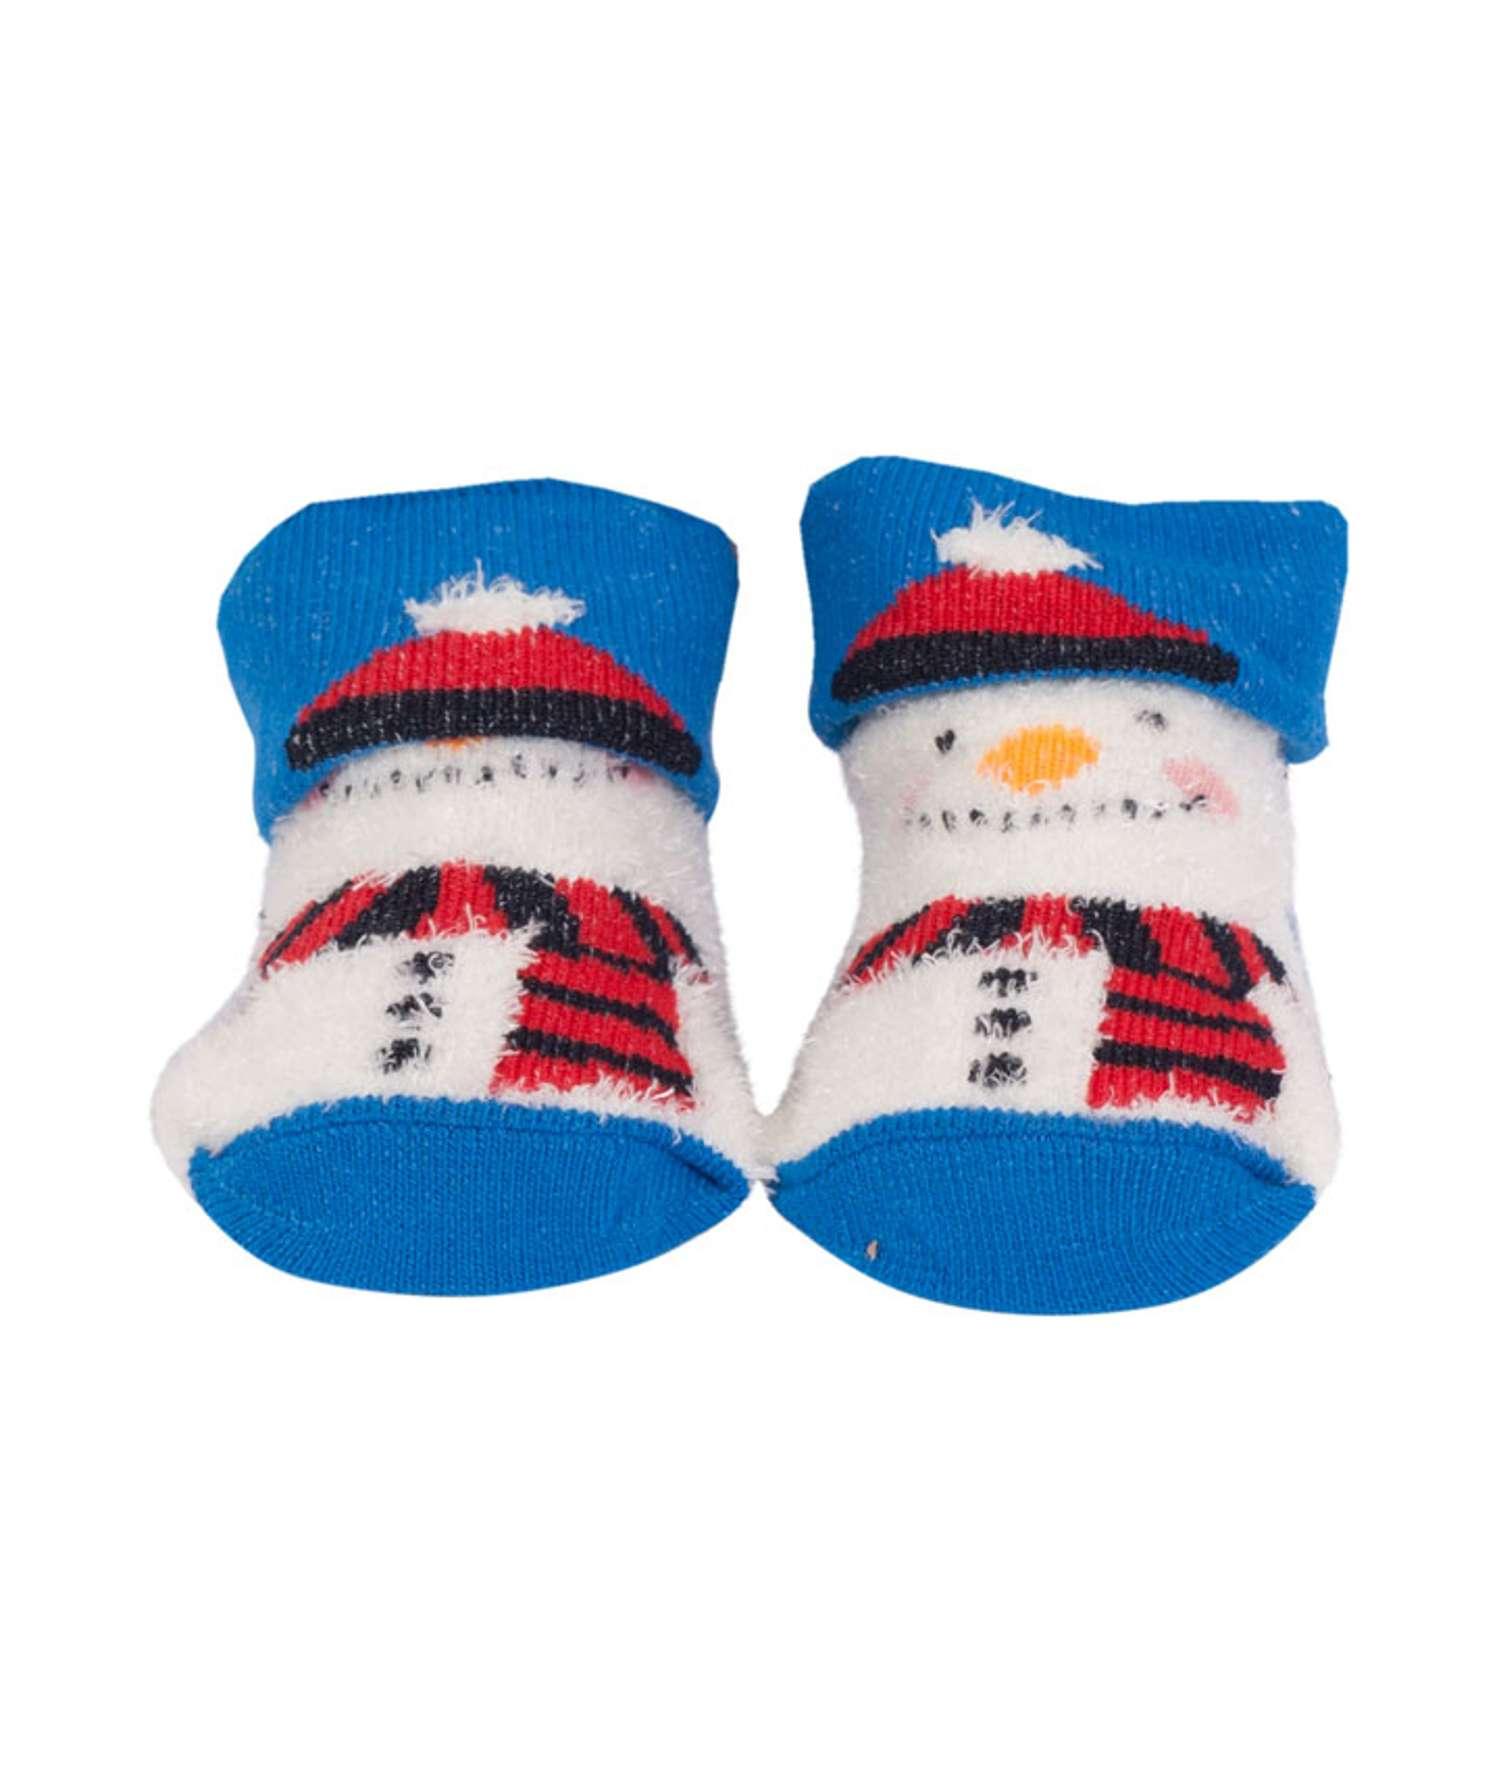 Angro - Baby julestrømper - Blå - Størrelse 50/56